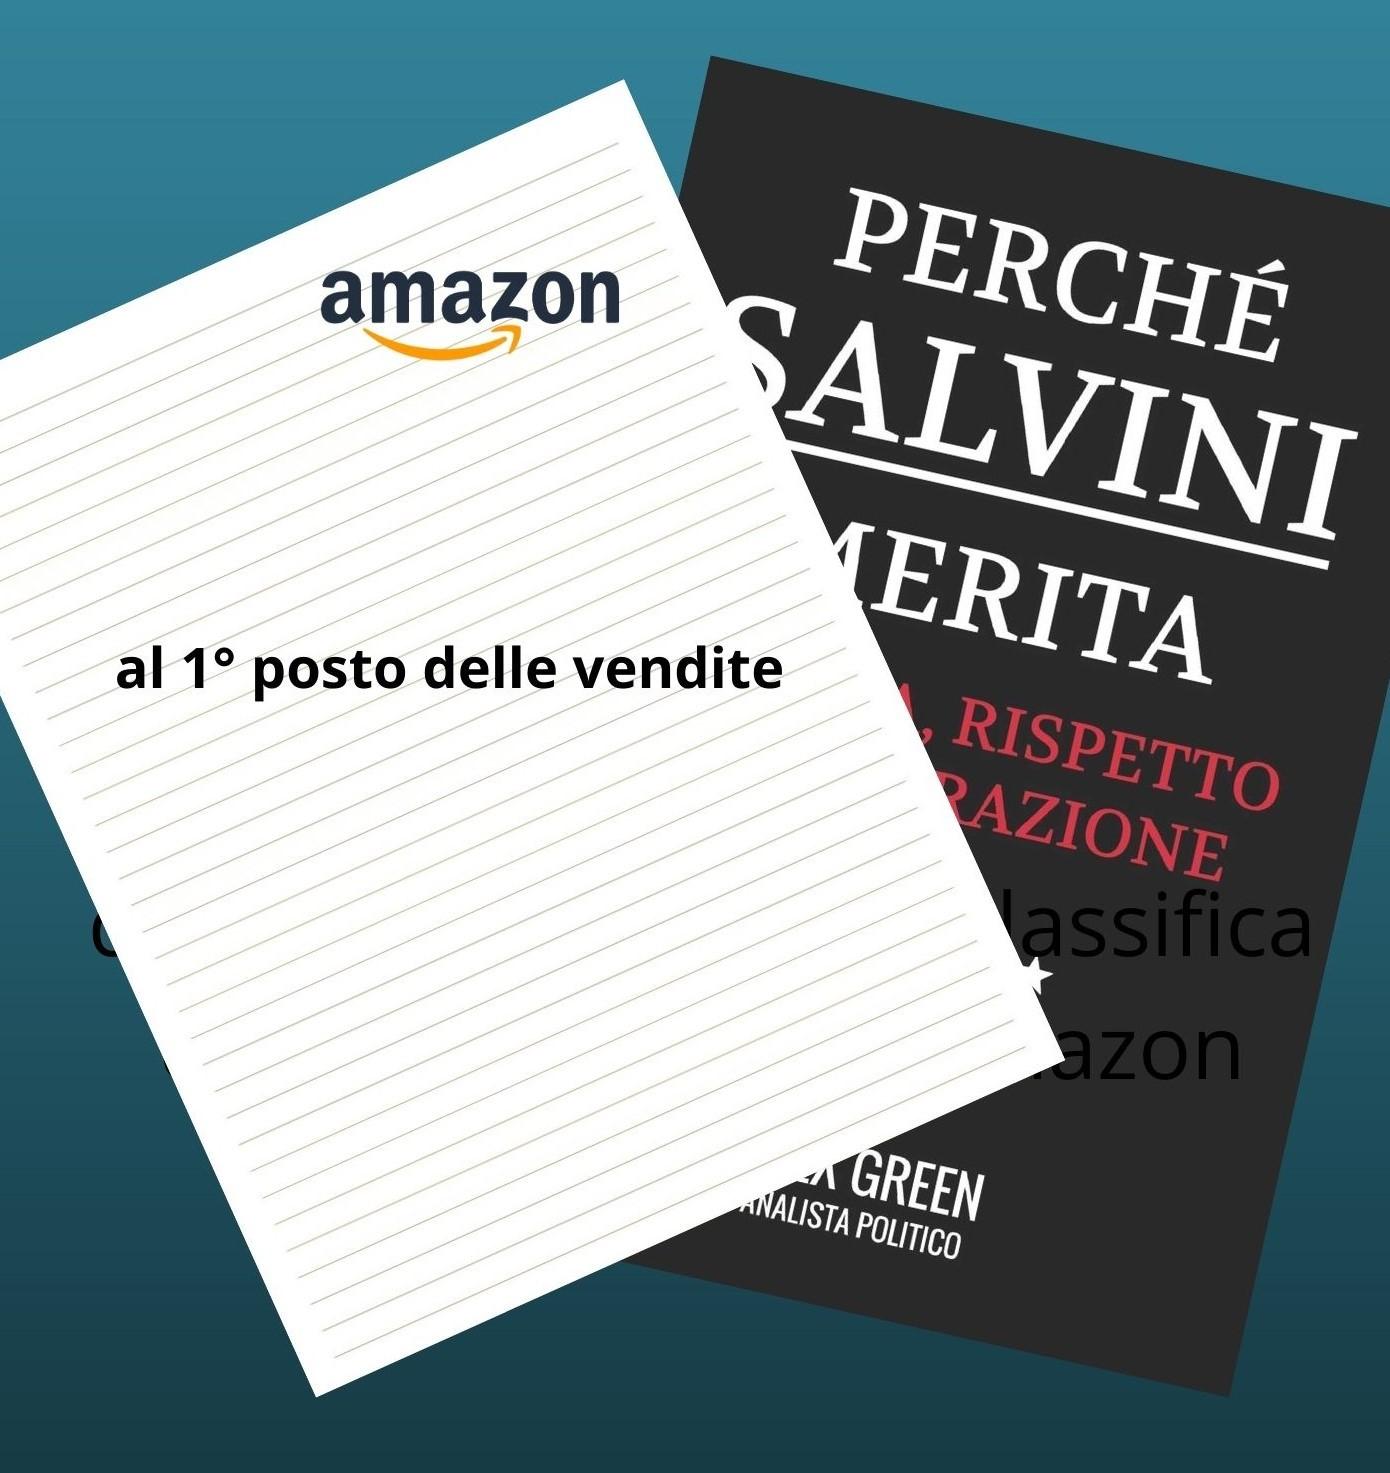 Un libro su Matteo Salvini con pagine senza testo (e senza foto) va al 1° posto nelle vendite su Amazon